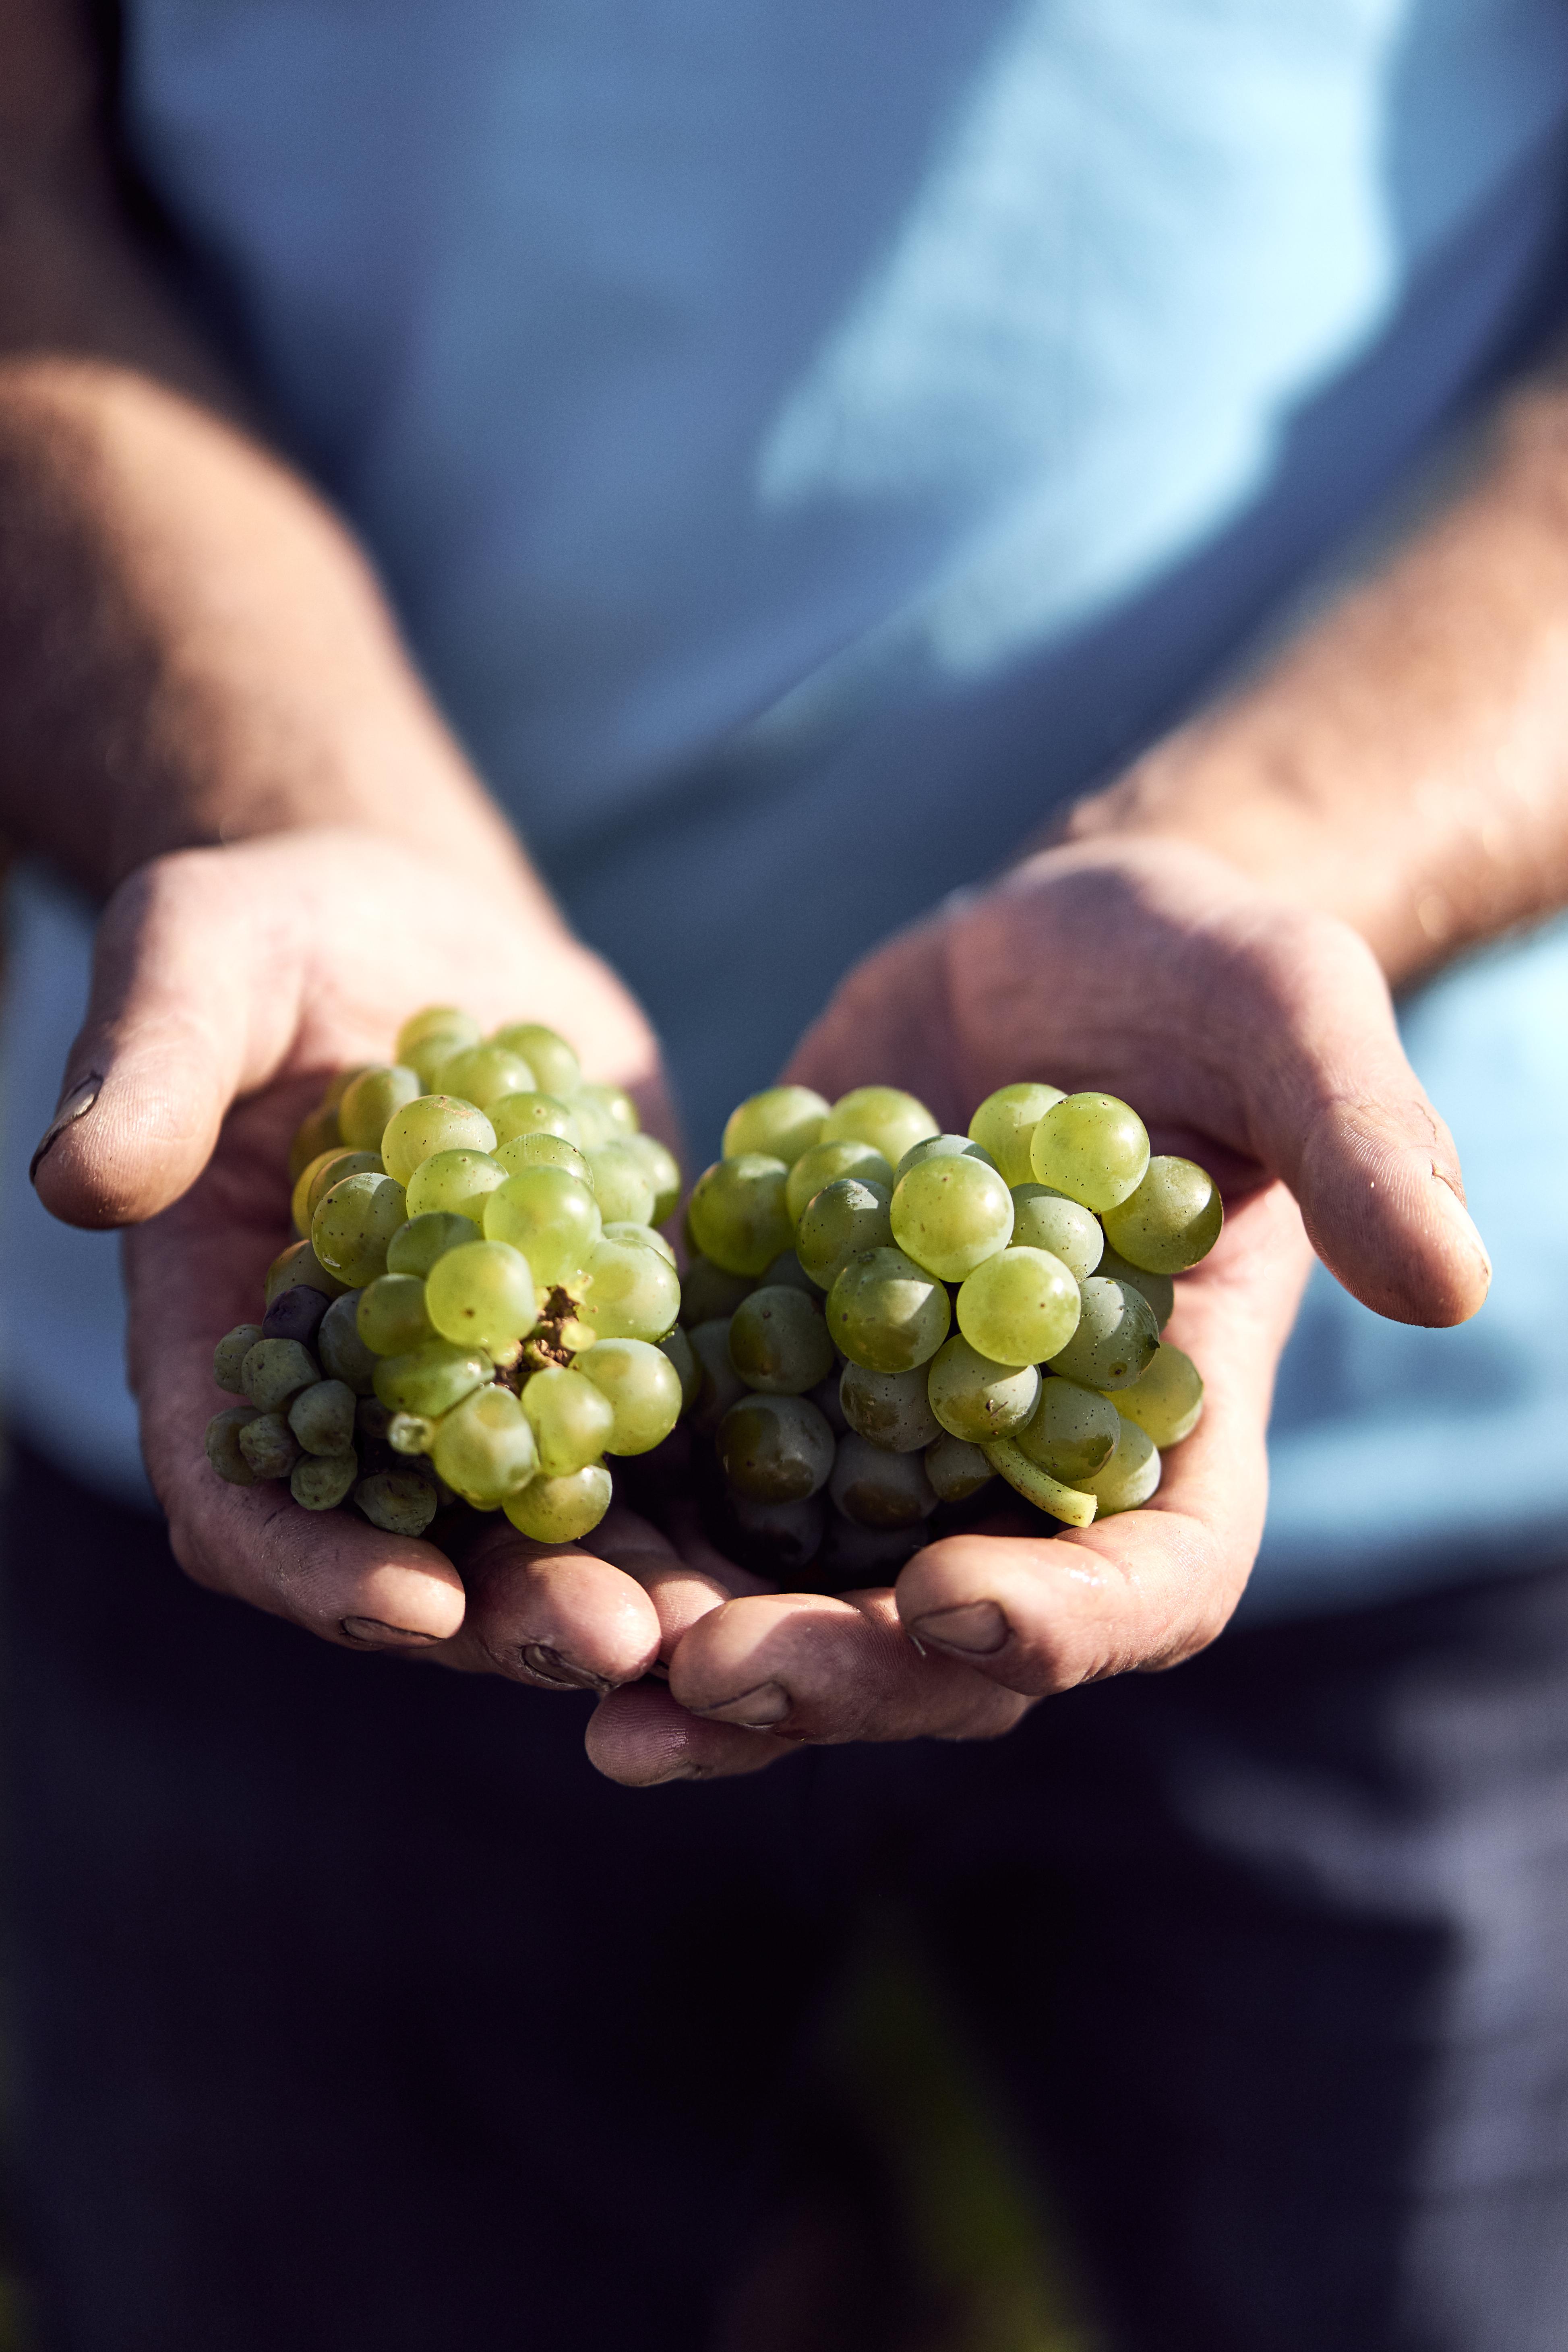 Wine Grower's hands